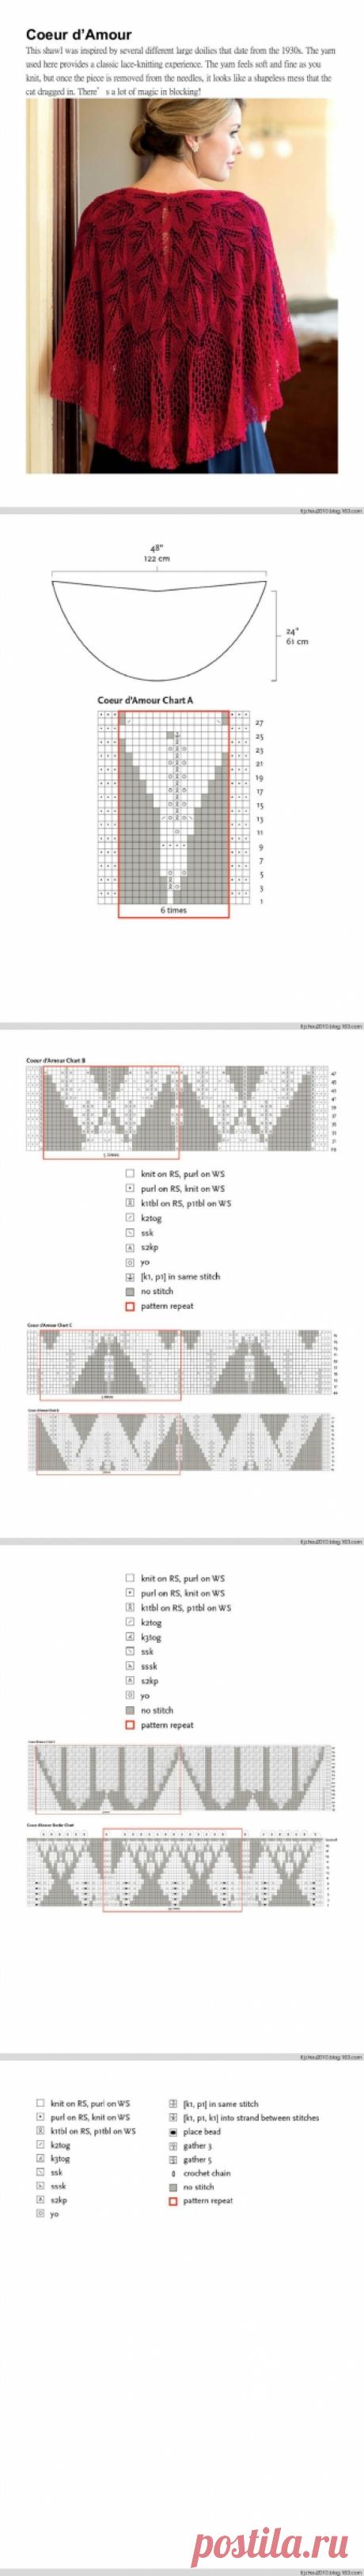 Накидки спицами (схемы из интернета). | Женская одежда крючком. Схемы и описание